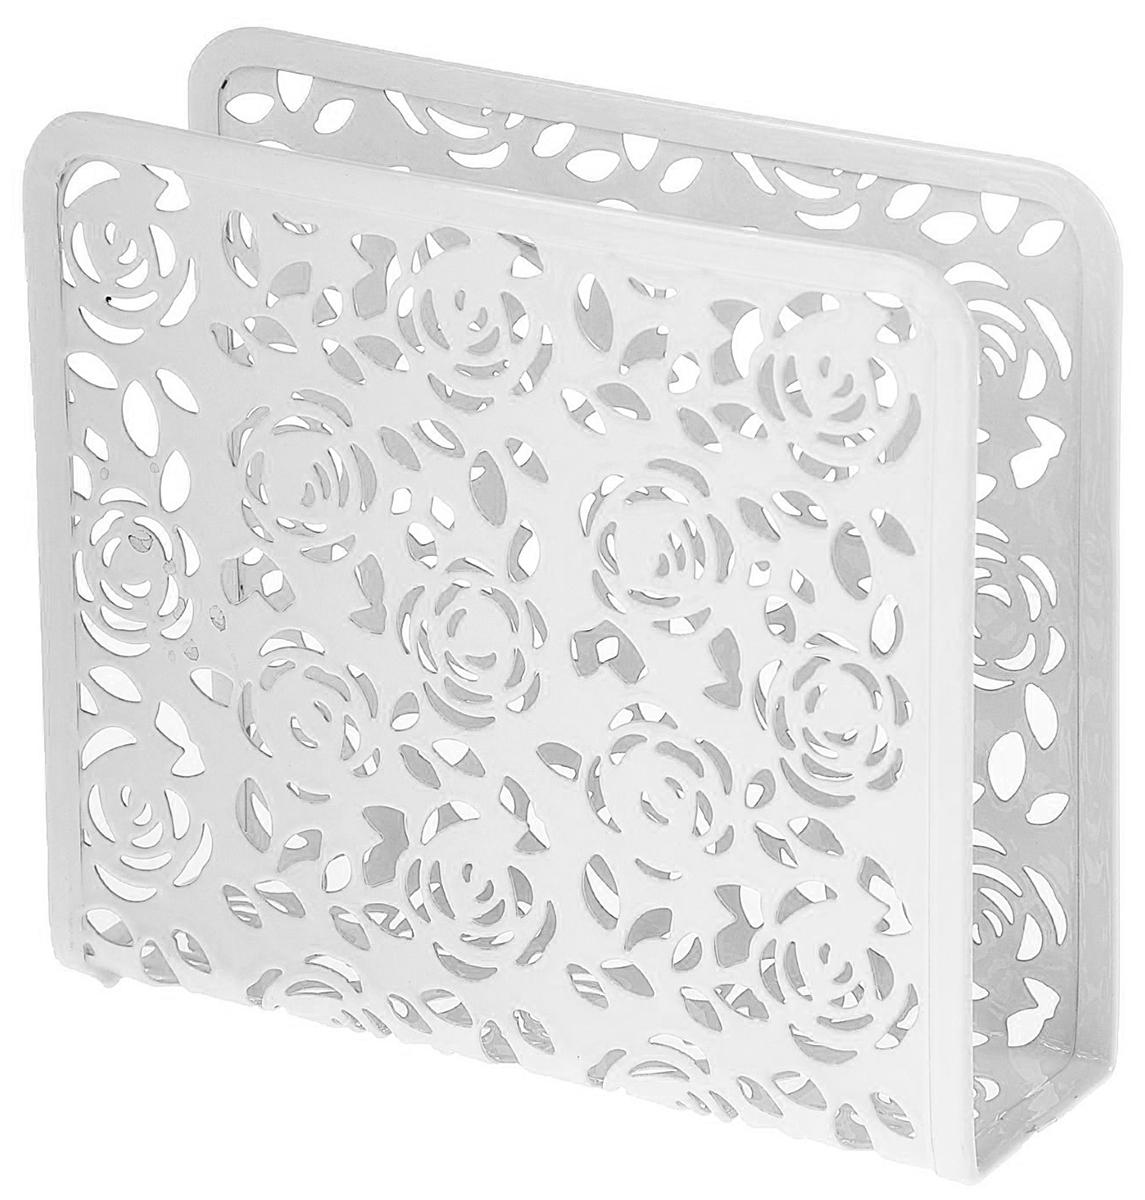 Салфетница Доляна Розы, цвет: белый, 15 х 5 х 13,5 см1476616_белыйСалфетница изготовлена из металла и оформлена принтом. Такая салфетница великолепно украсит праздничный стол.